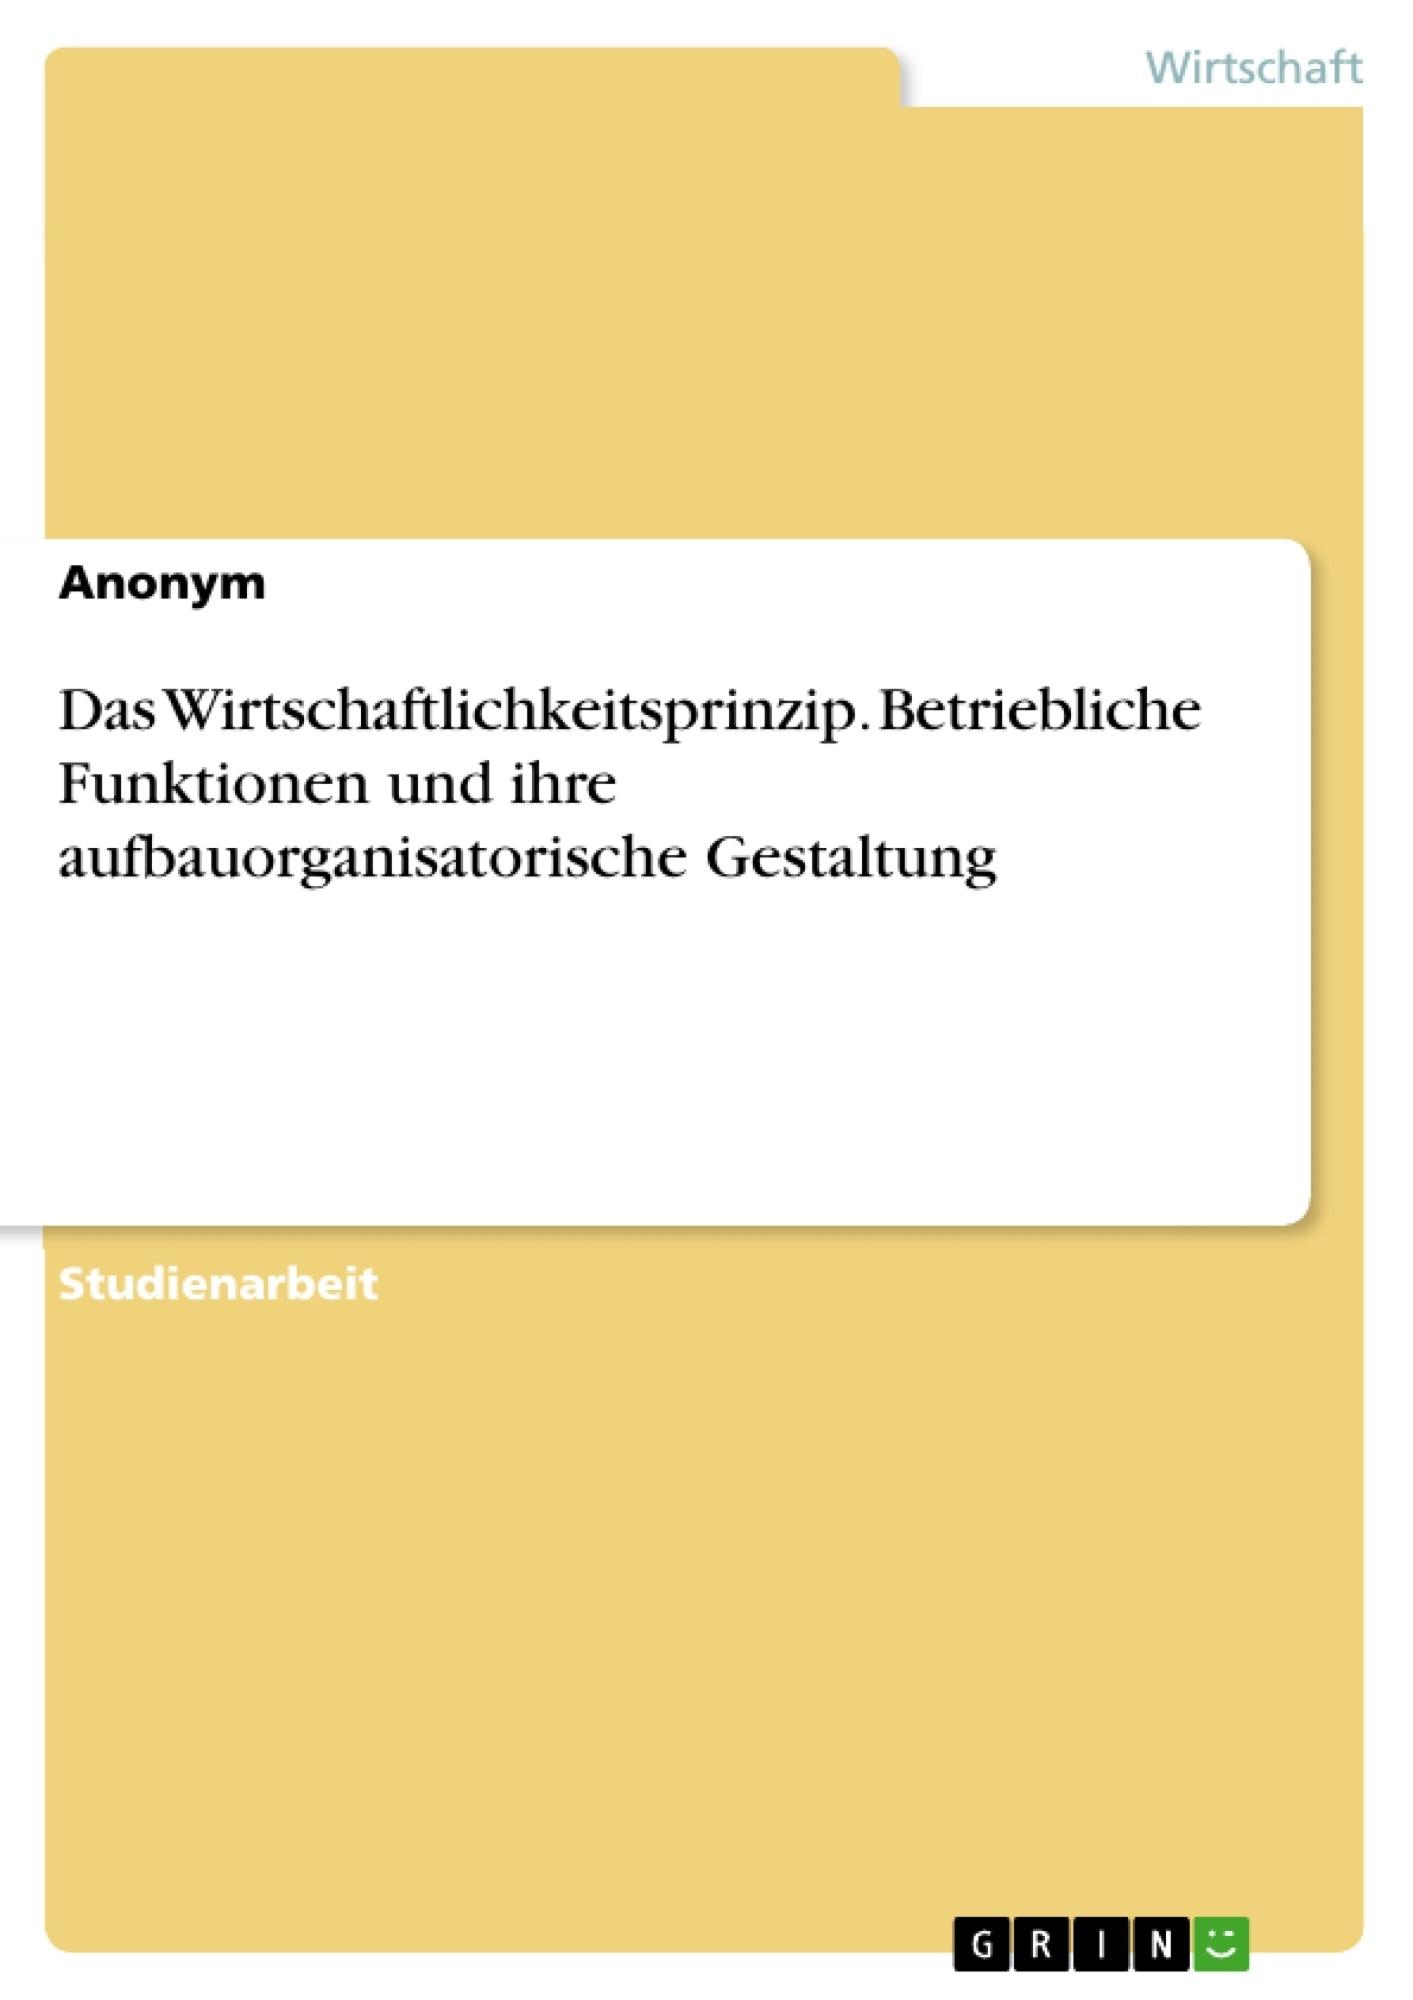 Titel: Das Wirtschaftlichkeitsprinzip. Betriebliche Funktionen und ihre aufbauorganisatorische Gestaltung